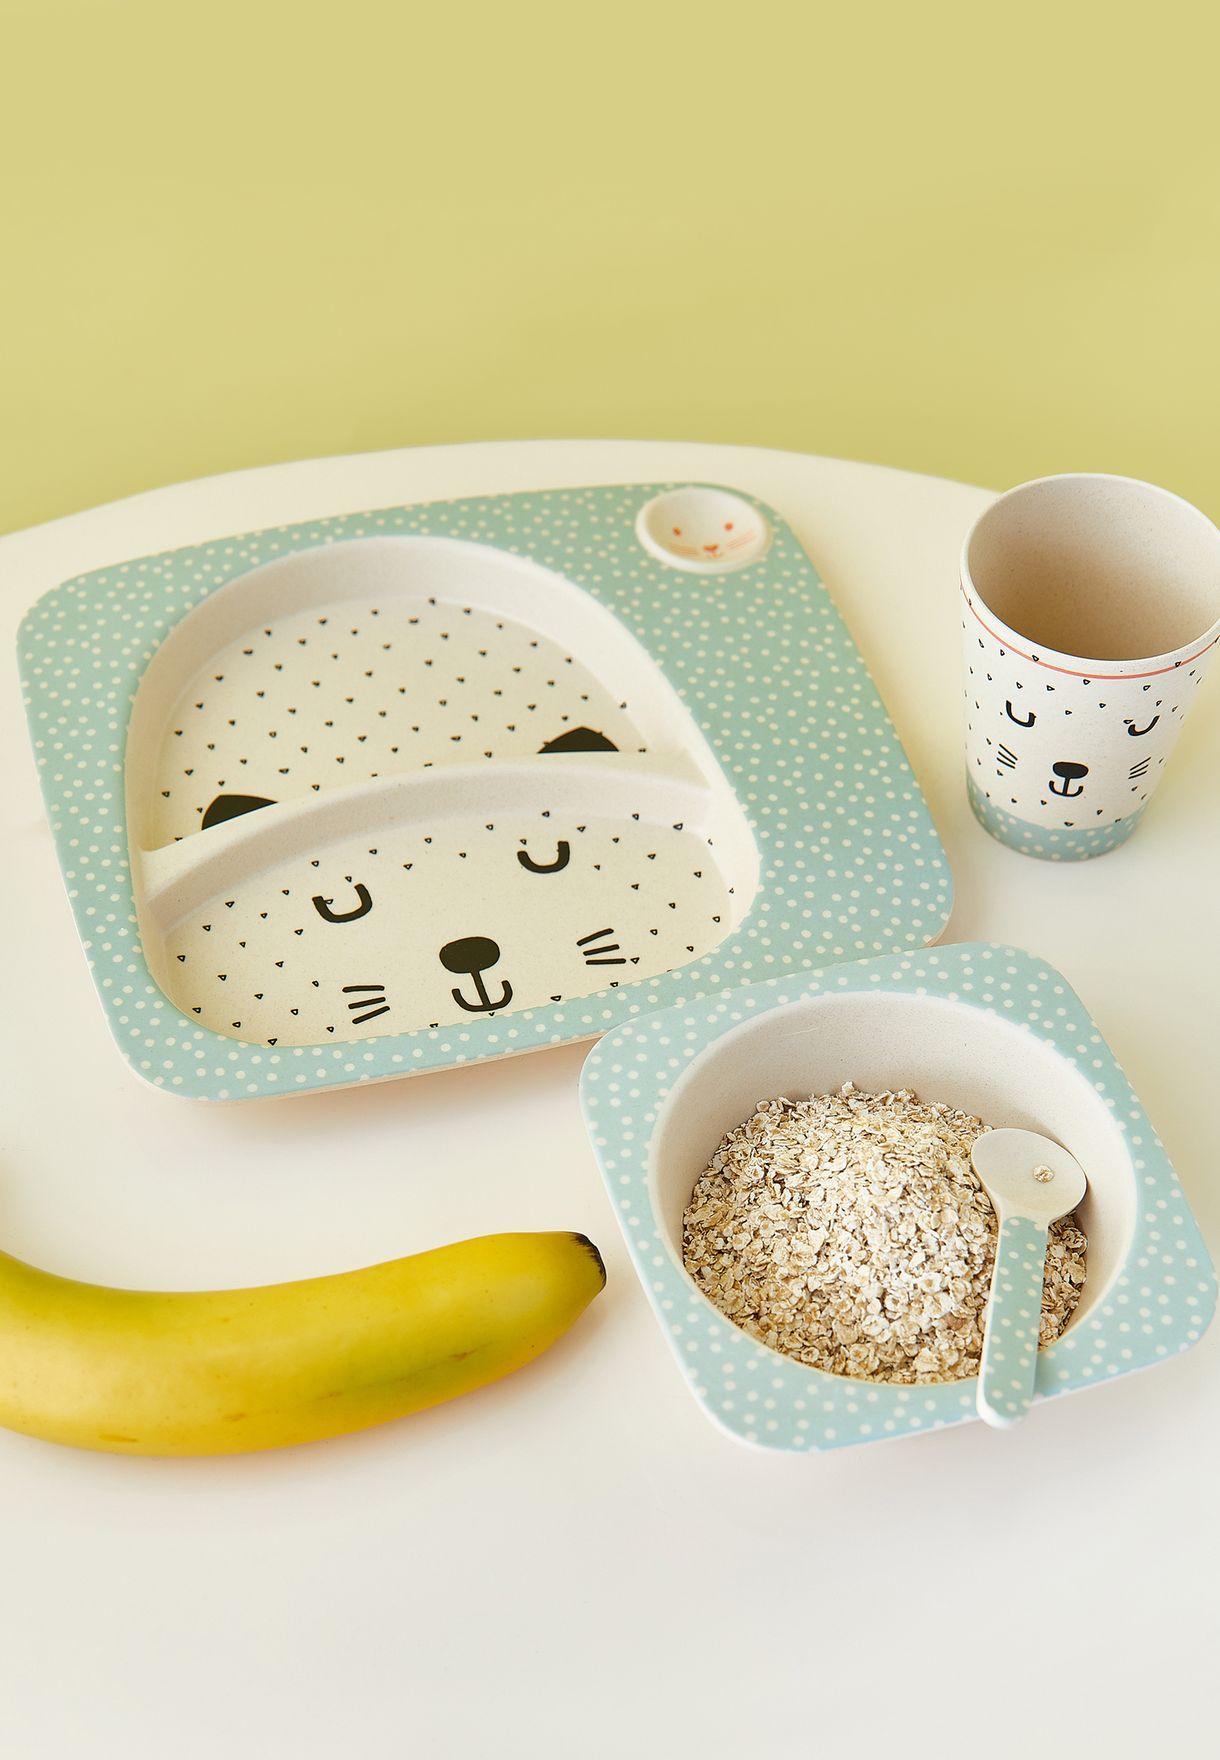 طقم ادوات مائدة للاطفال